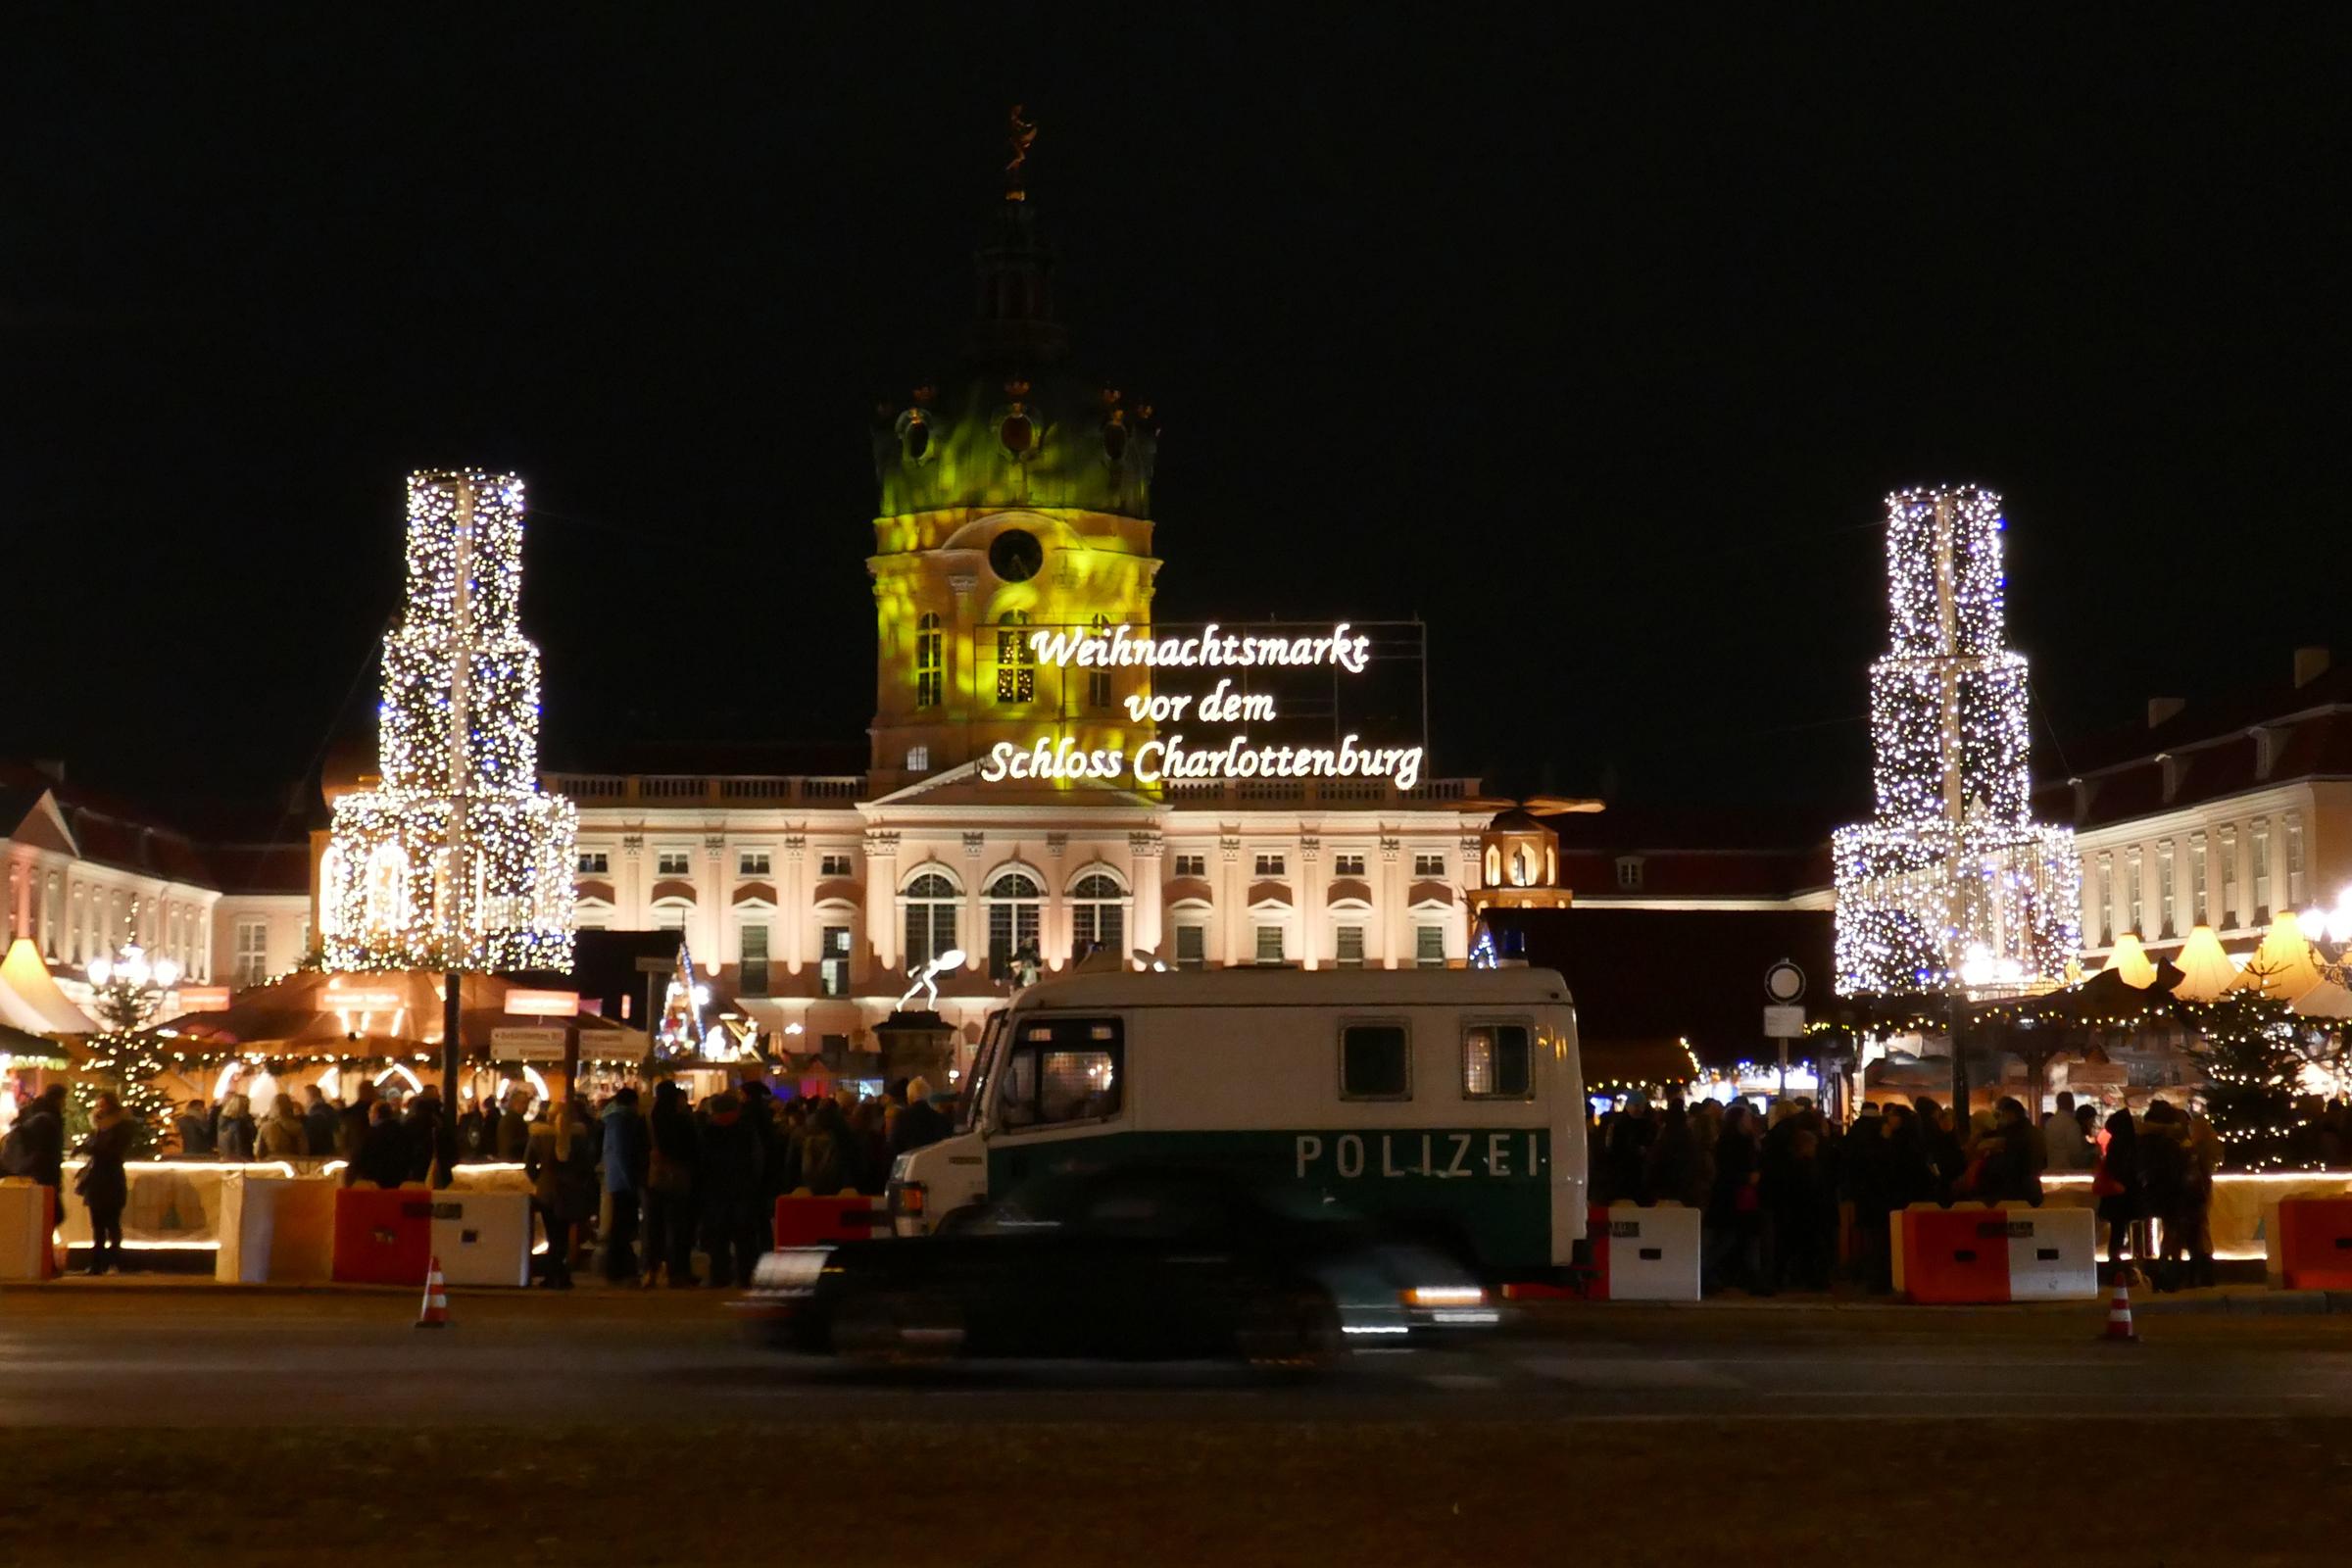 Weihnachtsmarkt am Schloss Charlottenburg. Foto: Ulrich Horb